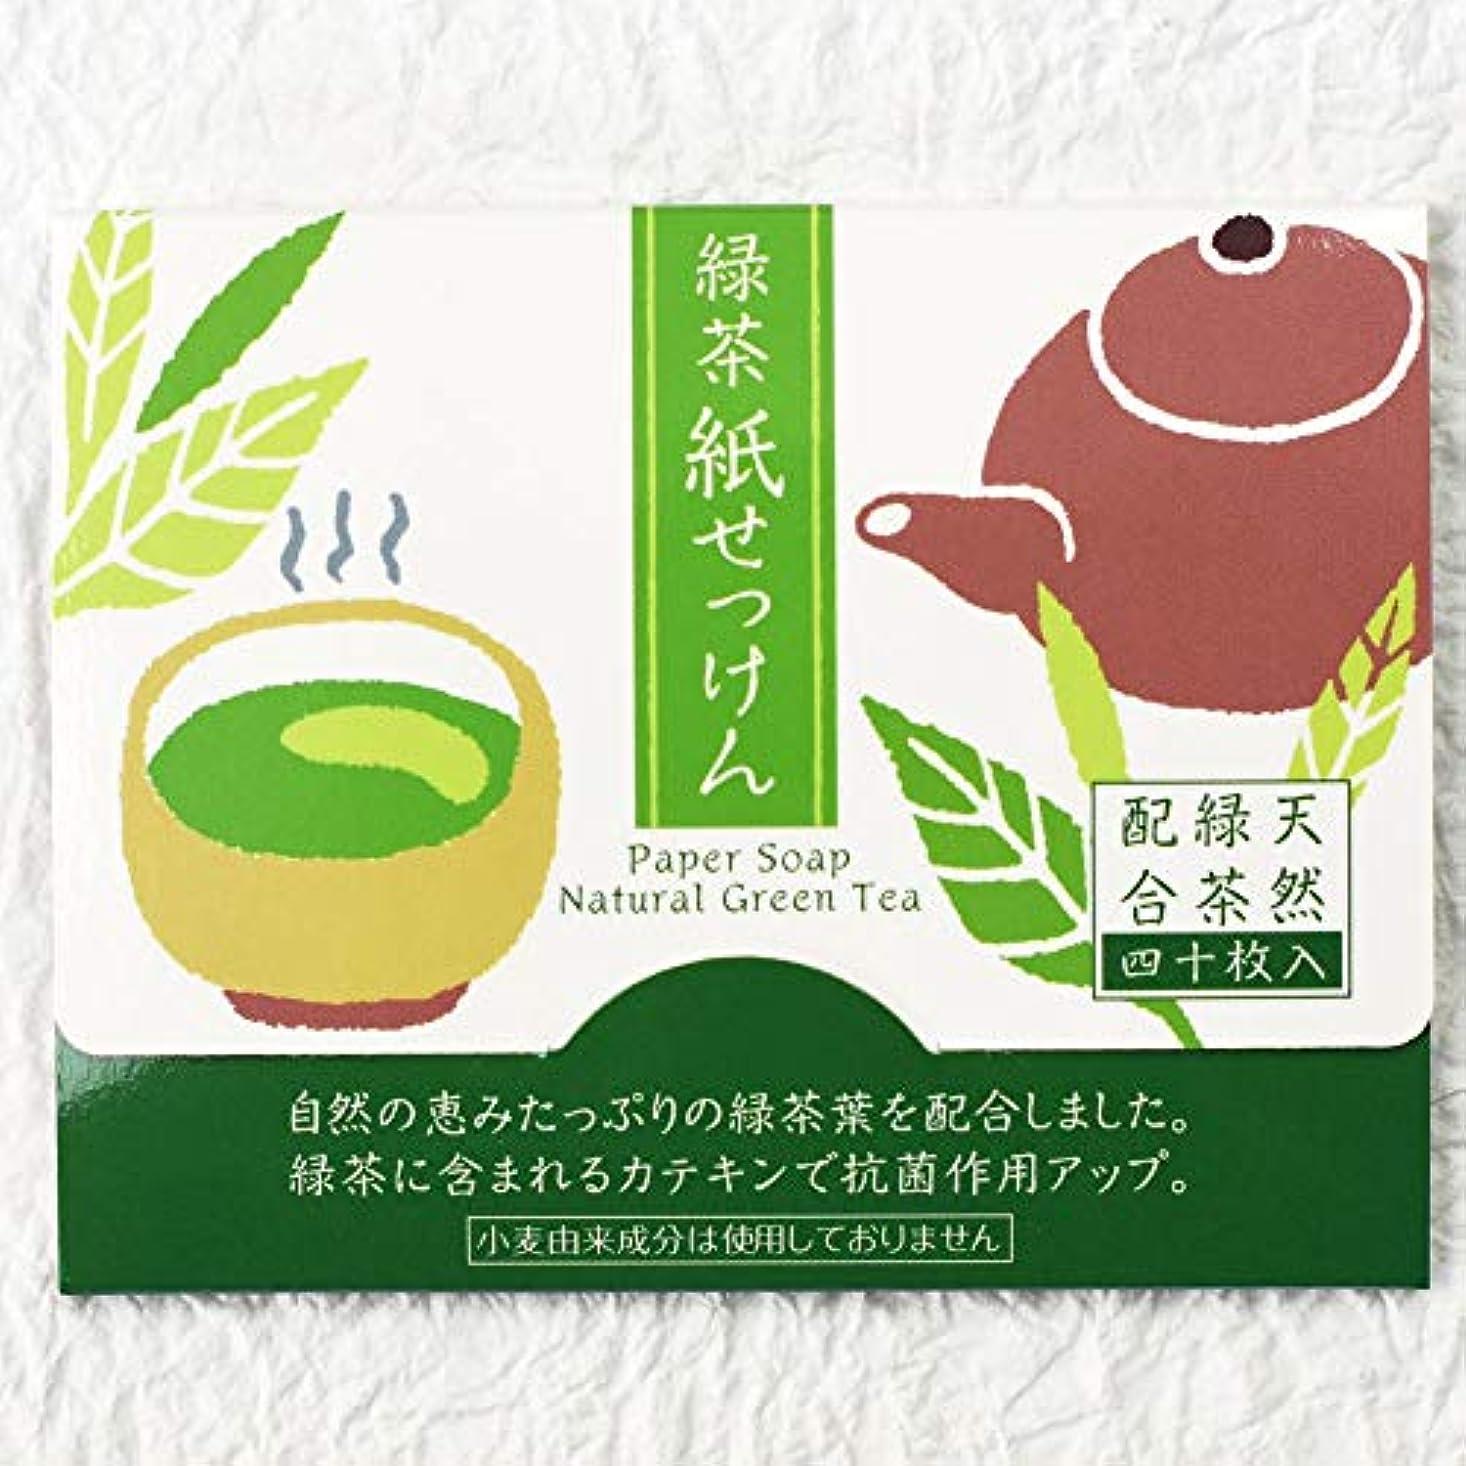 熟練した服を洗う大宇宙表現社 紙せっけん 天然緑茶配合 22-289